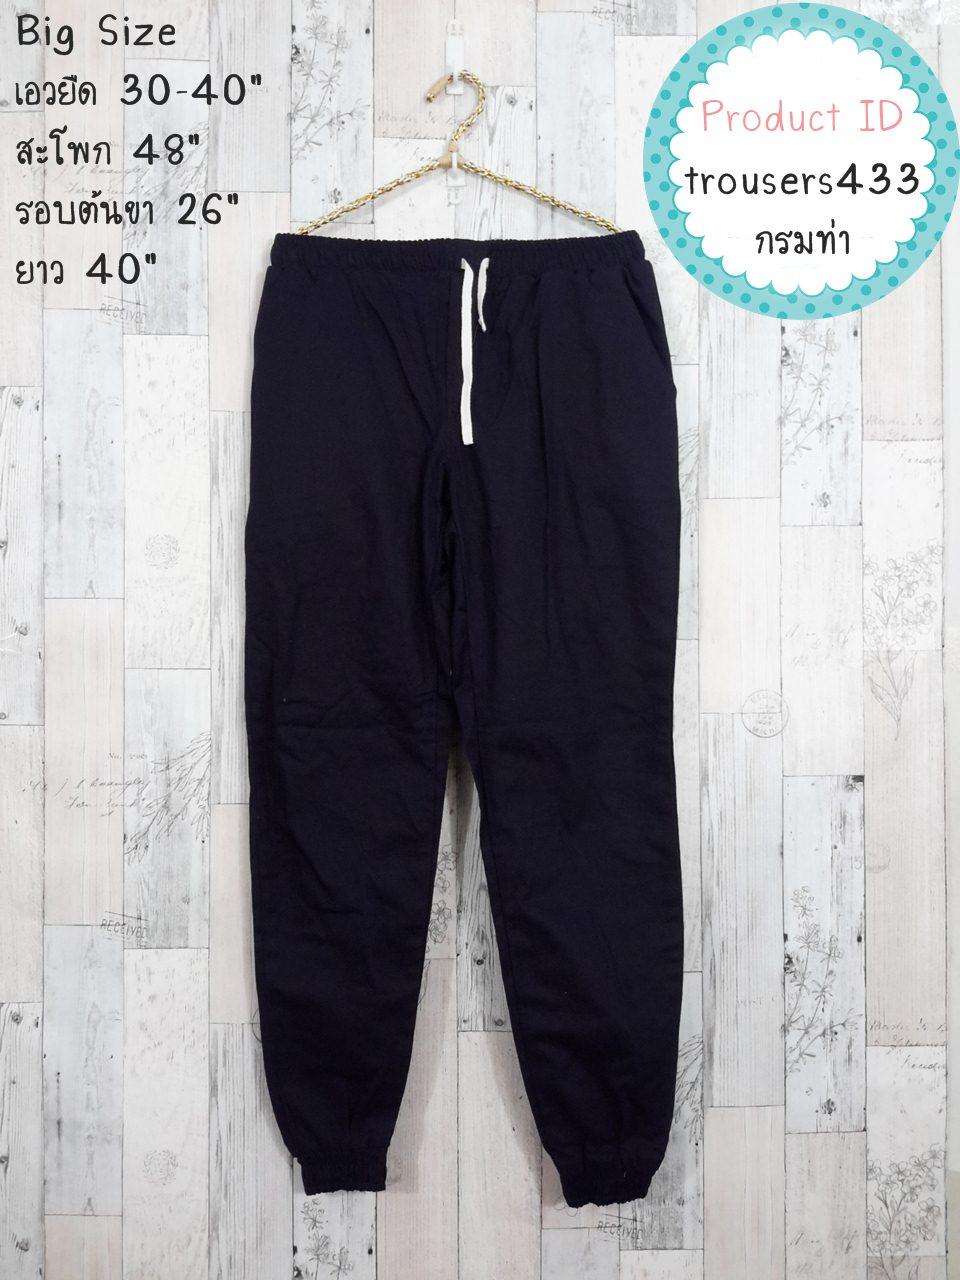 Trousers433 Big Size Joggers กางเกงขายาวไซส์ใหญ่ปลายขาจัมพ์ เอวยืด กระเป๋าข้าง ผ้ายีนส์เนื้อดีสีพื้นกรมท่า (ใส่ได้ทั้งชายและหญิง)